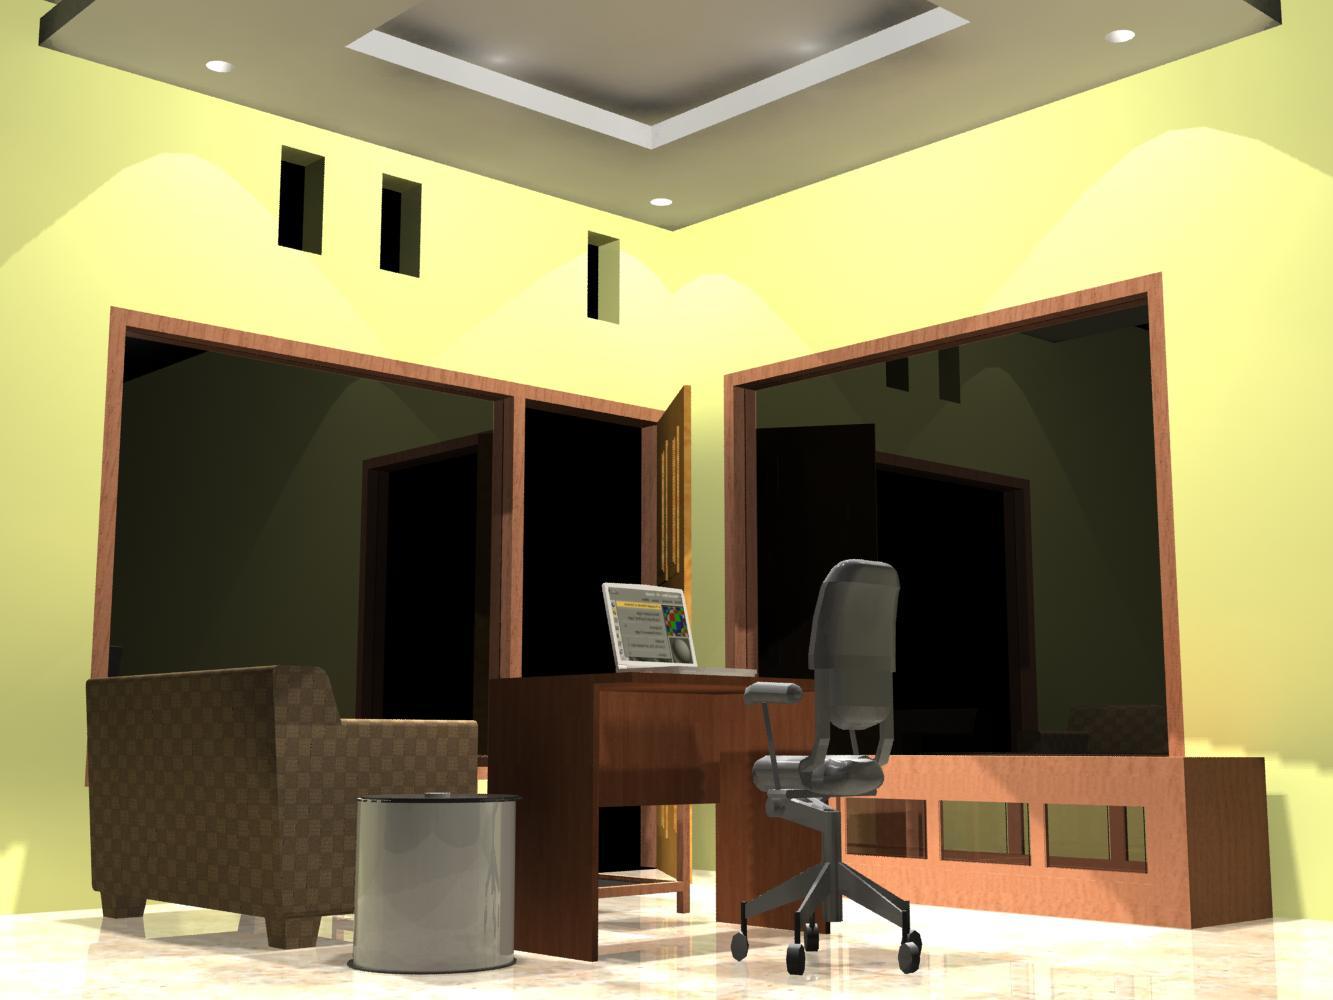 Ruangan Bos Sederhana Dan Nyaman Teknik Gambar Bangunan